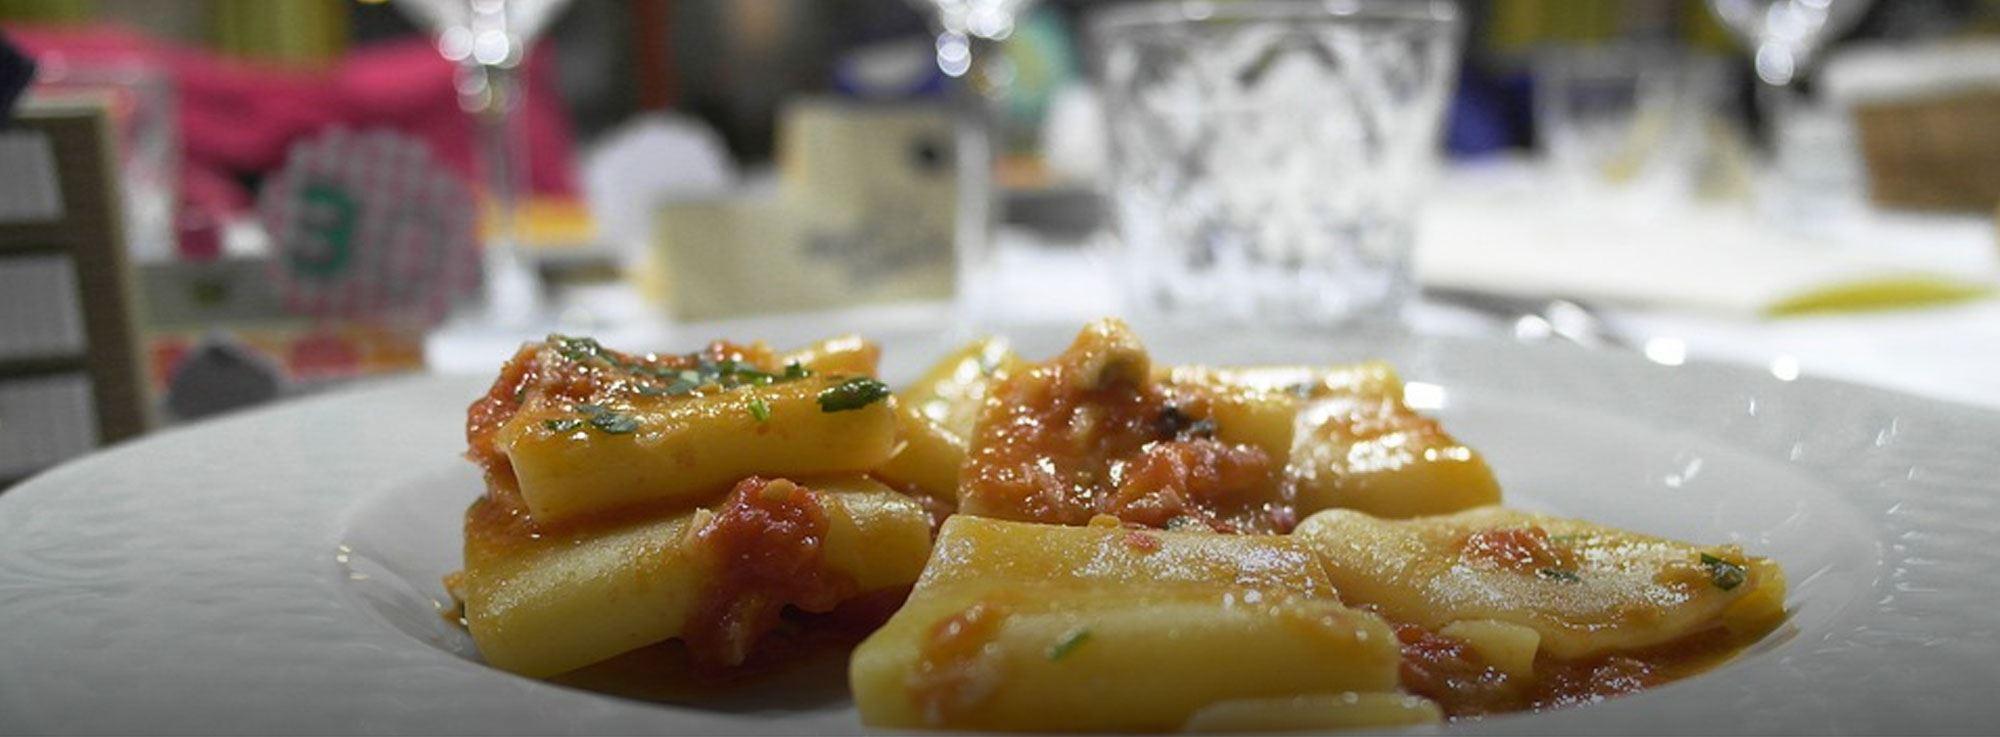 Ricetta: Paccheri con polpo e patate croccanti su purea di fave